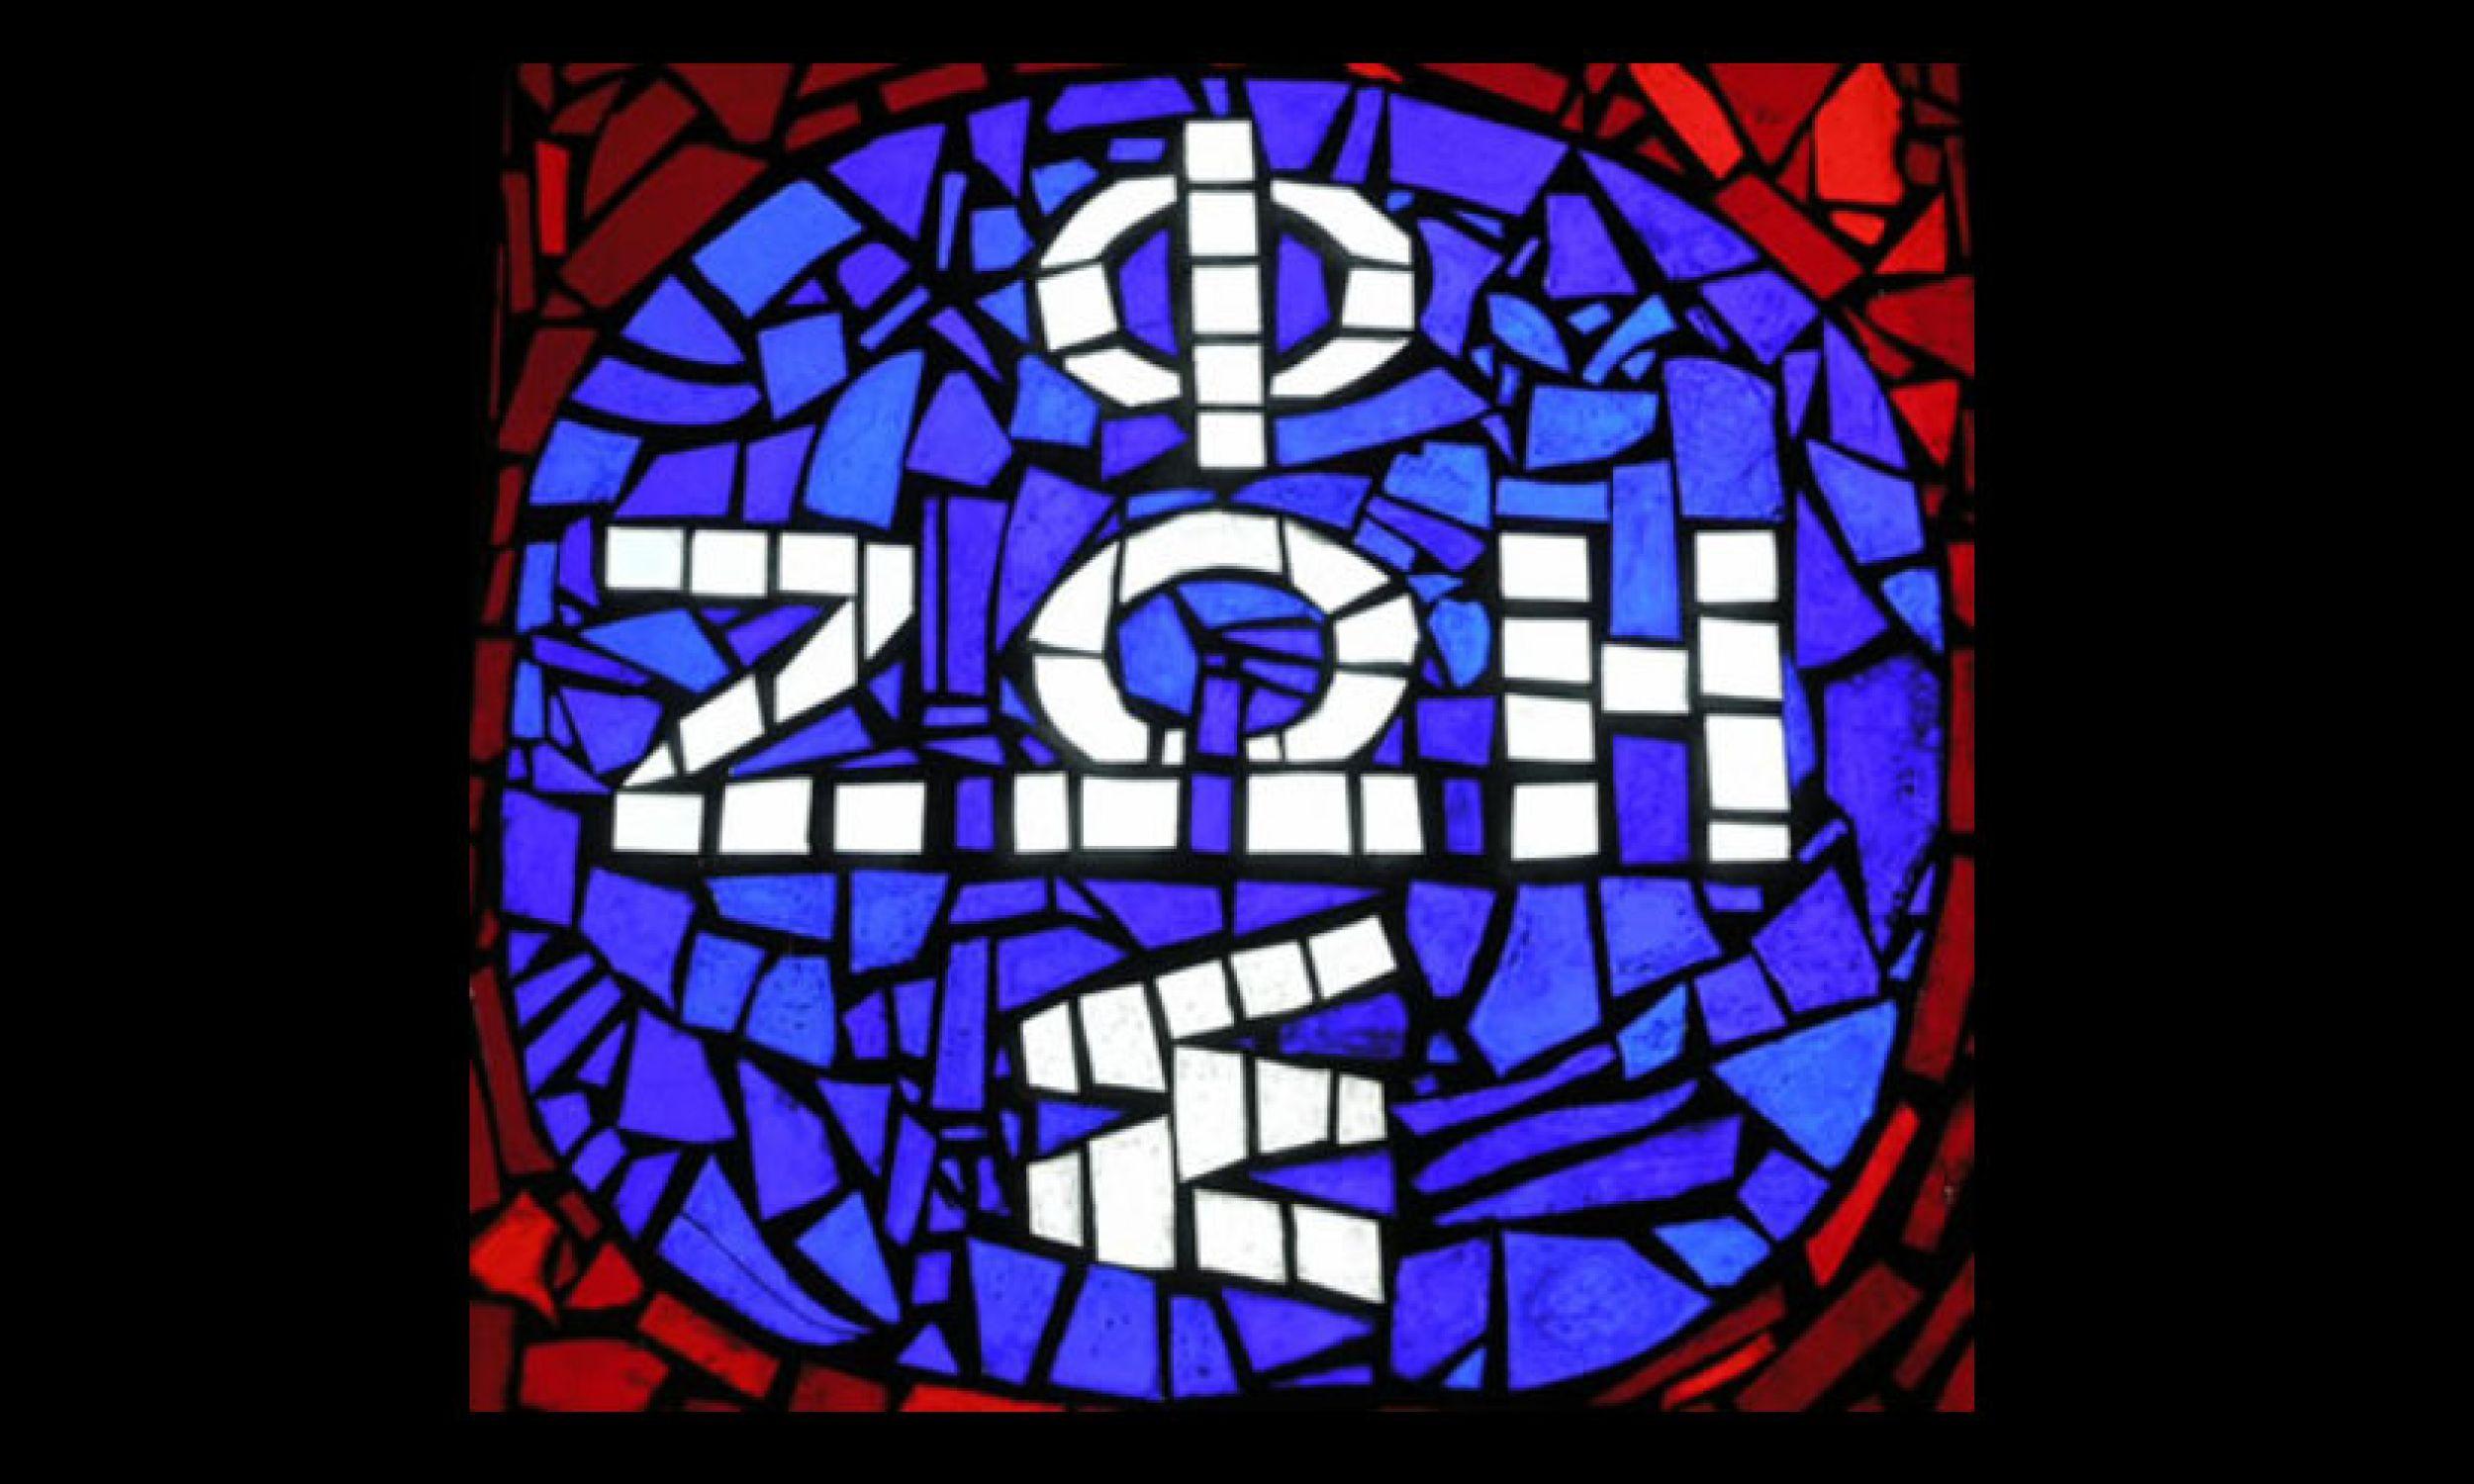 Znakiem Ruchu Światło-Życie są dwa ostatnie słowa zapisane greką: ΦΩΣ – ΖΩΗ (czyt. fos-zoe), krzyżujące się na literze omega (symbol Ducha Świętego, który jest wszystkim) i ułożone w kształt krzyża. Popularna nazwa tego symbolu to foska – na zdjęciu na witrażu znajdującym się w kaplicy Chrystusa Sługi na Kopiej Górce w Gorcach (Krościenko nad Dunajcem), gdzie znajduje się Centrum Ruchu Światło-Życie. Fot. Maciles - Praca własna, CC BY-SA 3.0, https://commons.wikimedia.org/w/index.php?curid=851614